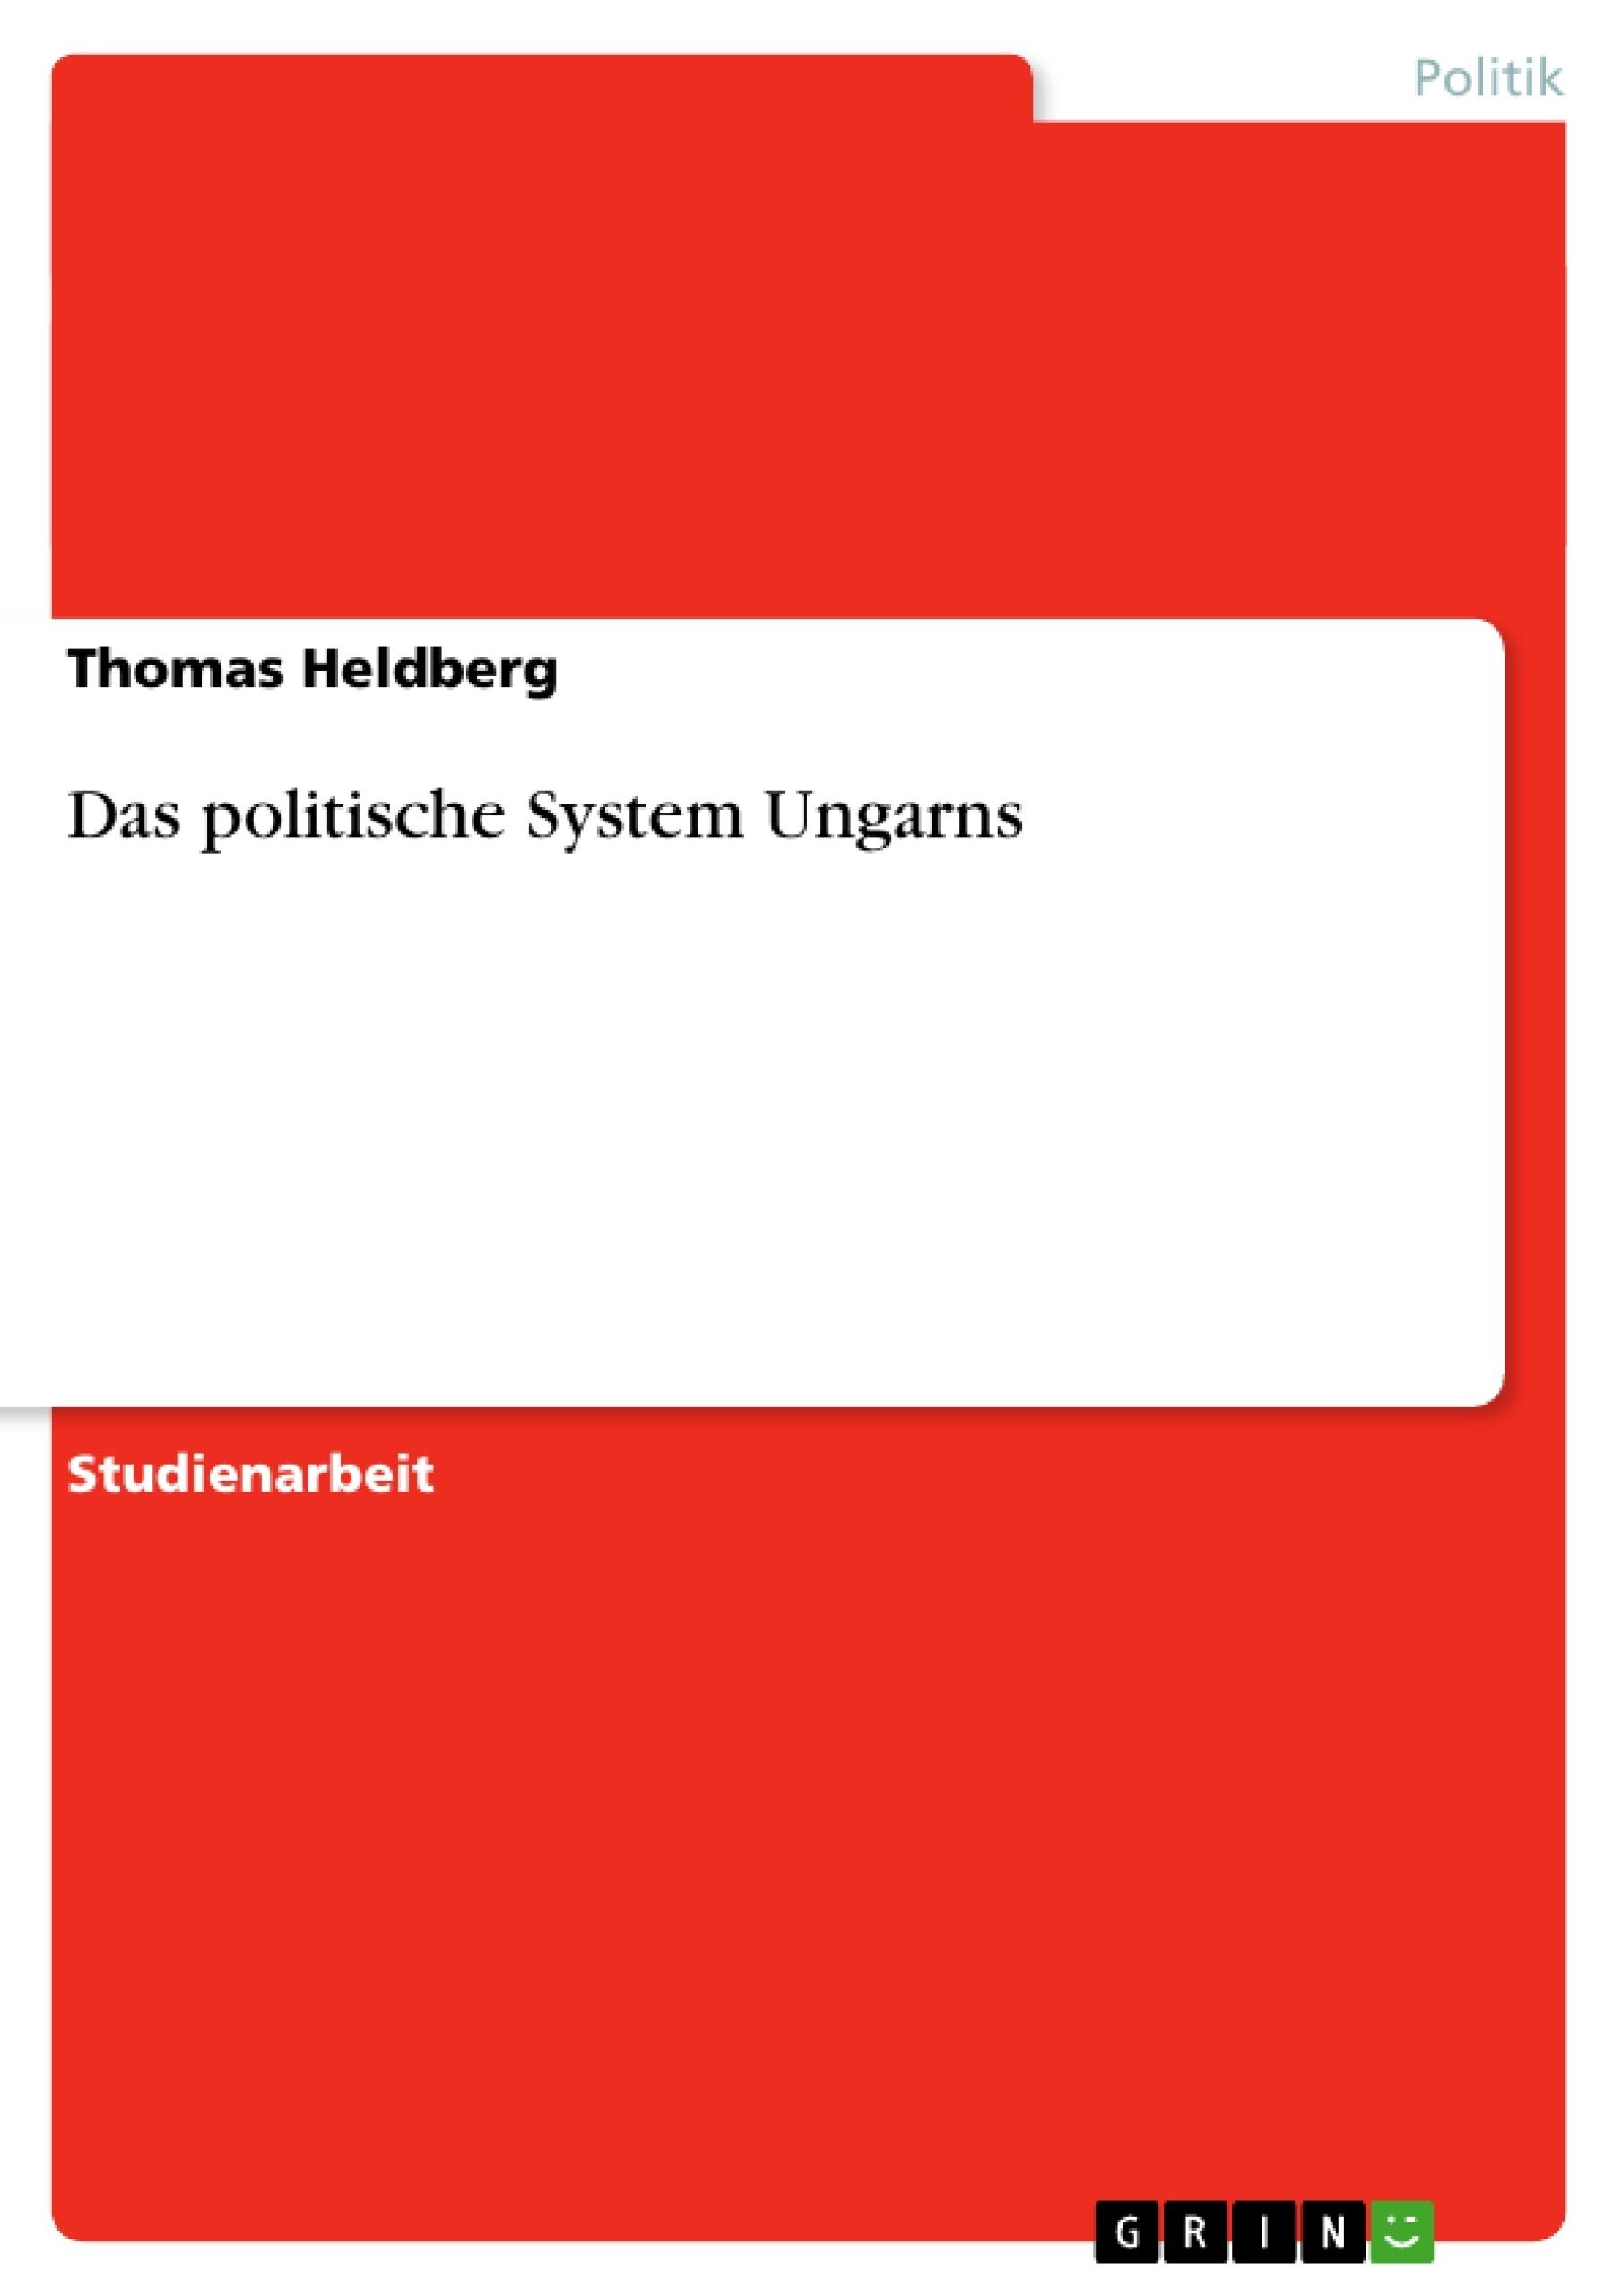 Titel: Das politische System Ungarns